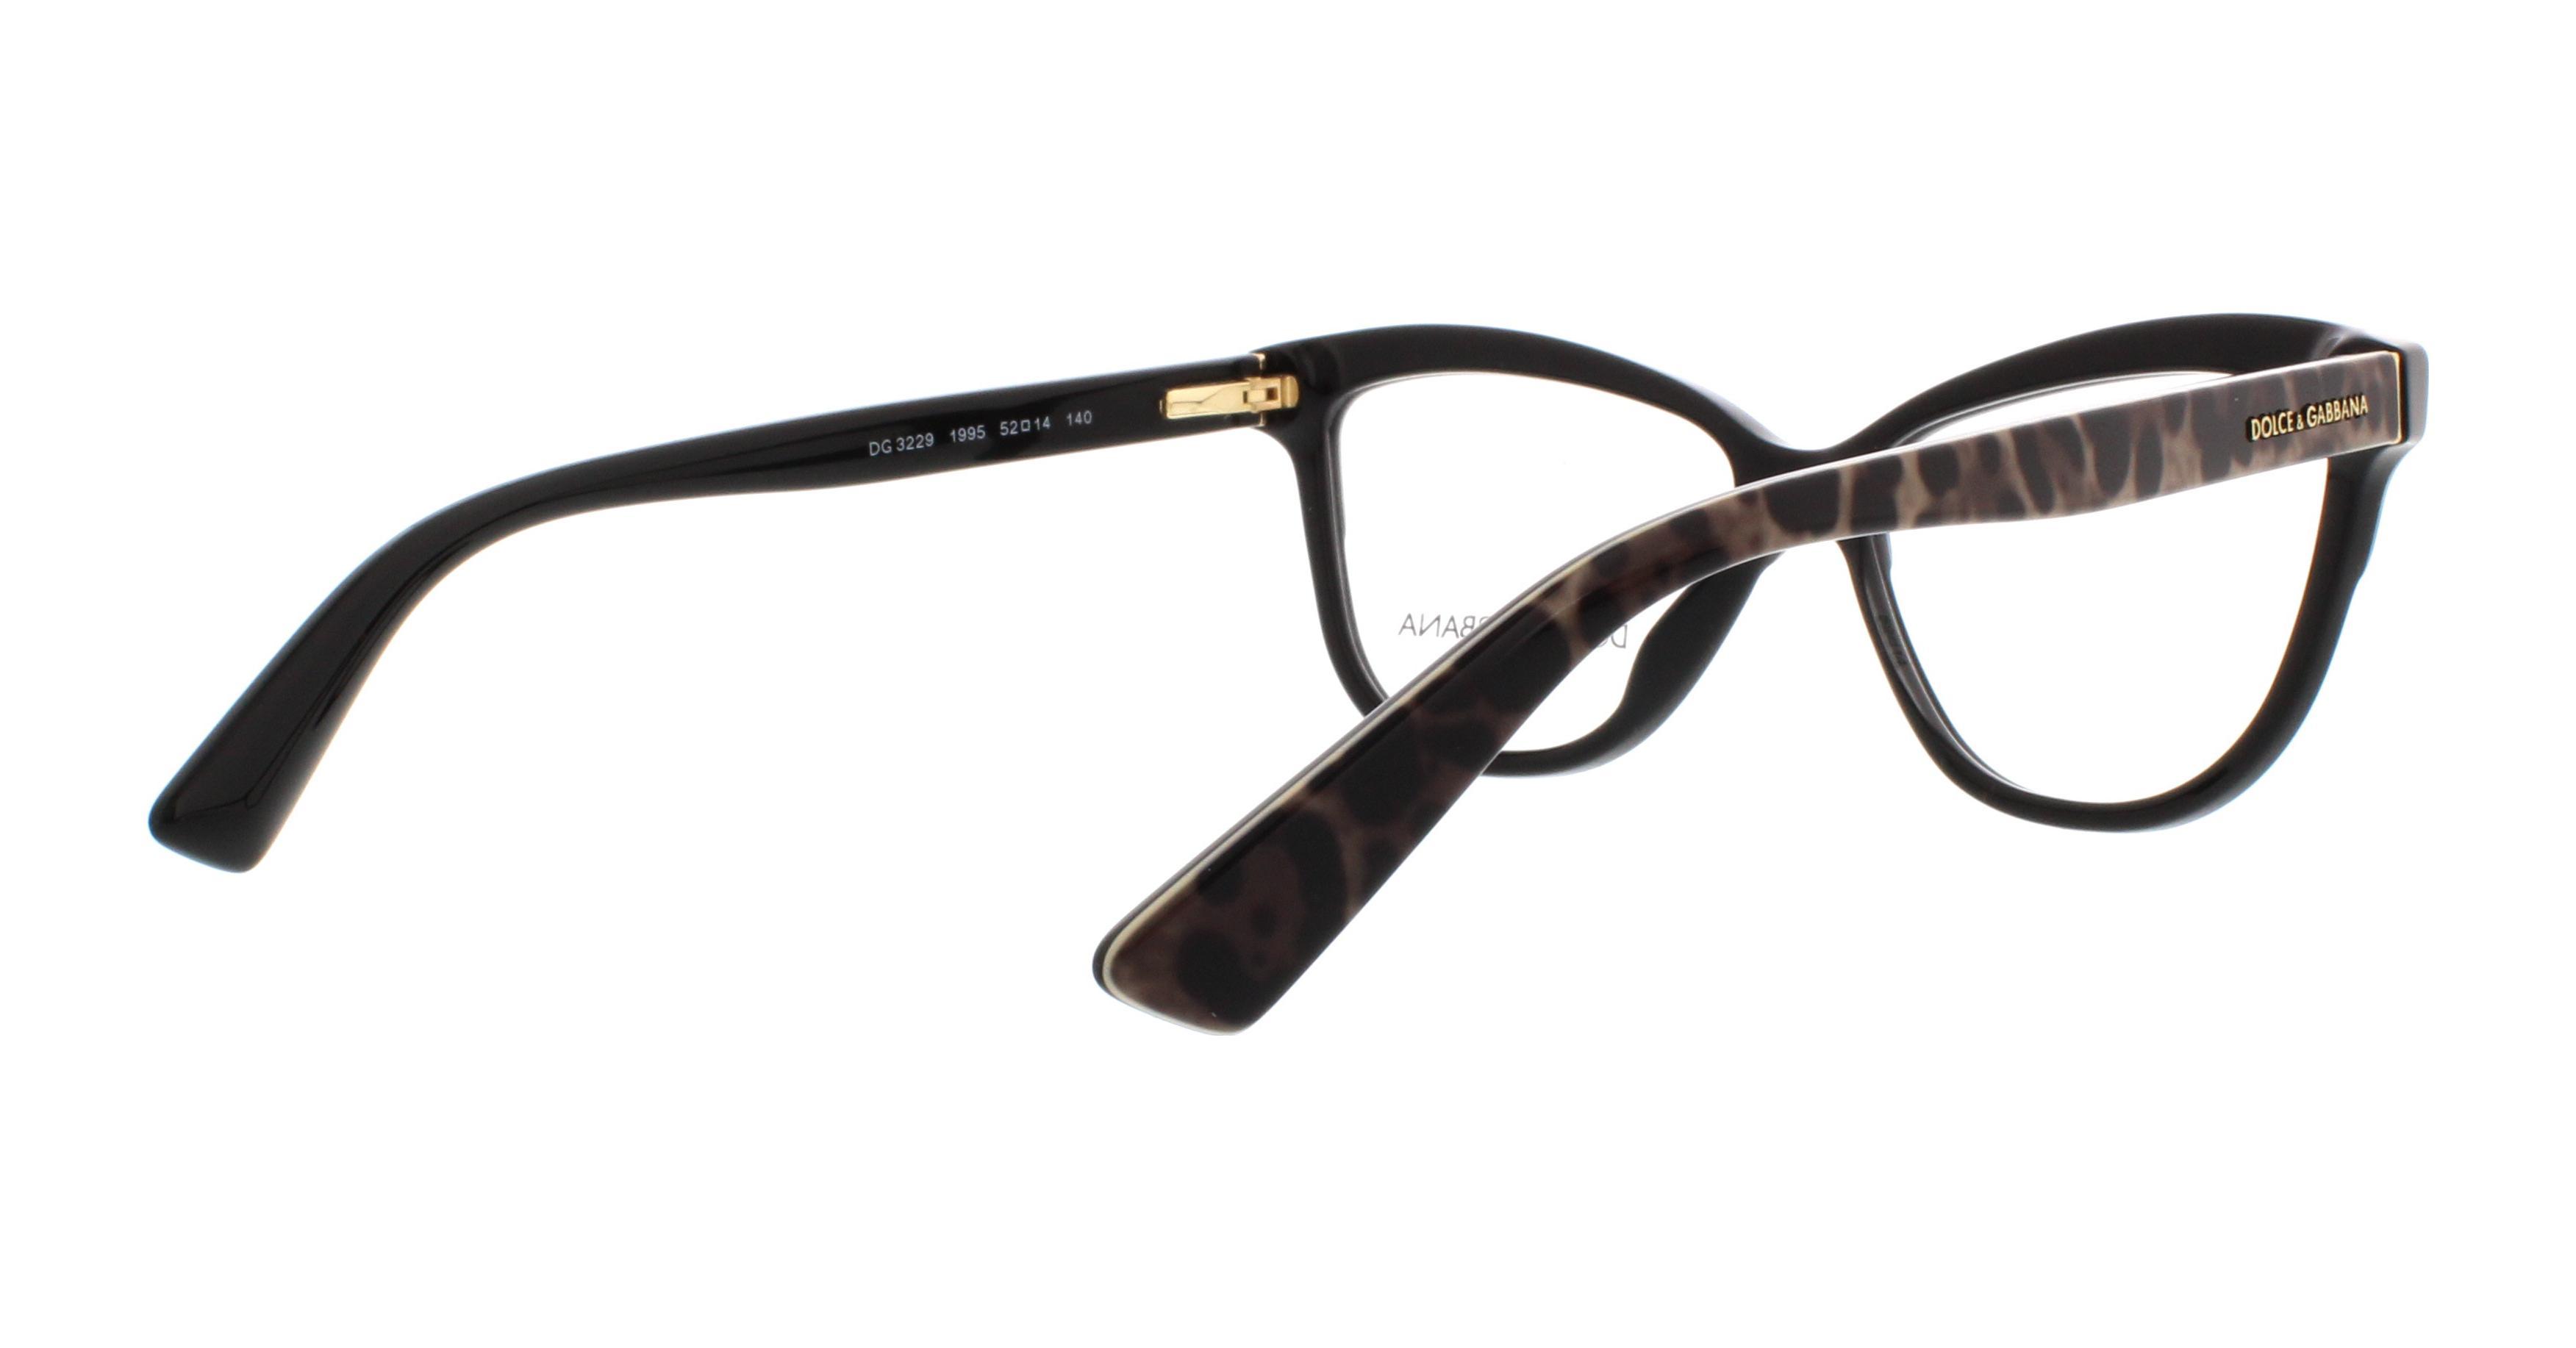 a9383fe09852 Designer Frames Outlet. Dolce & Gabbana DG3229